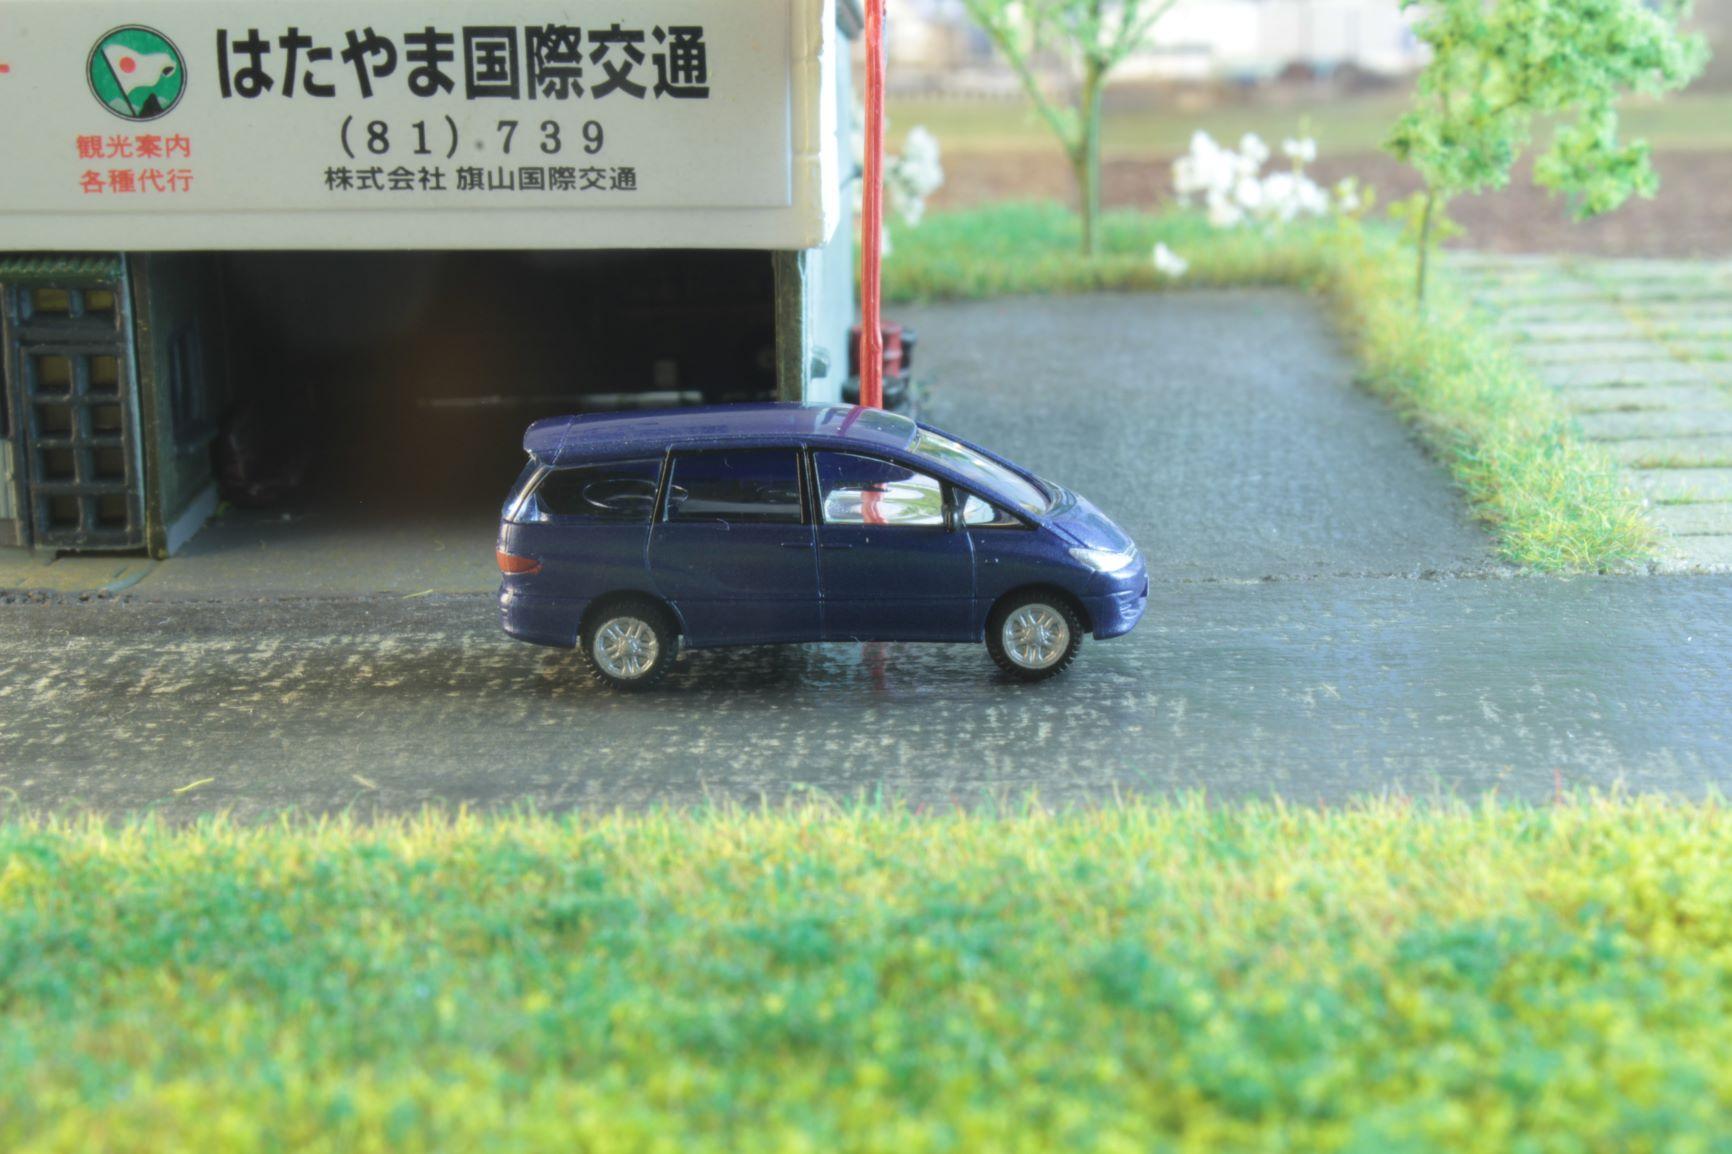 Toyota Previa 2 .JPG